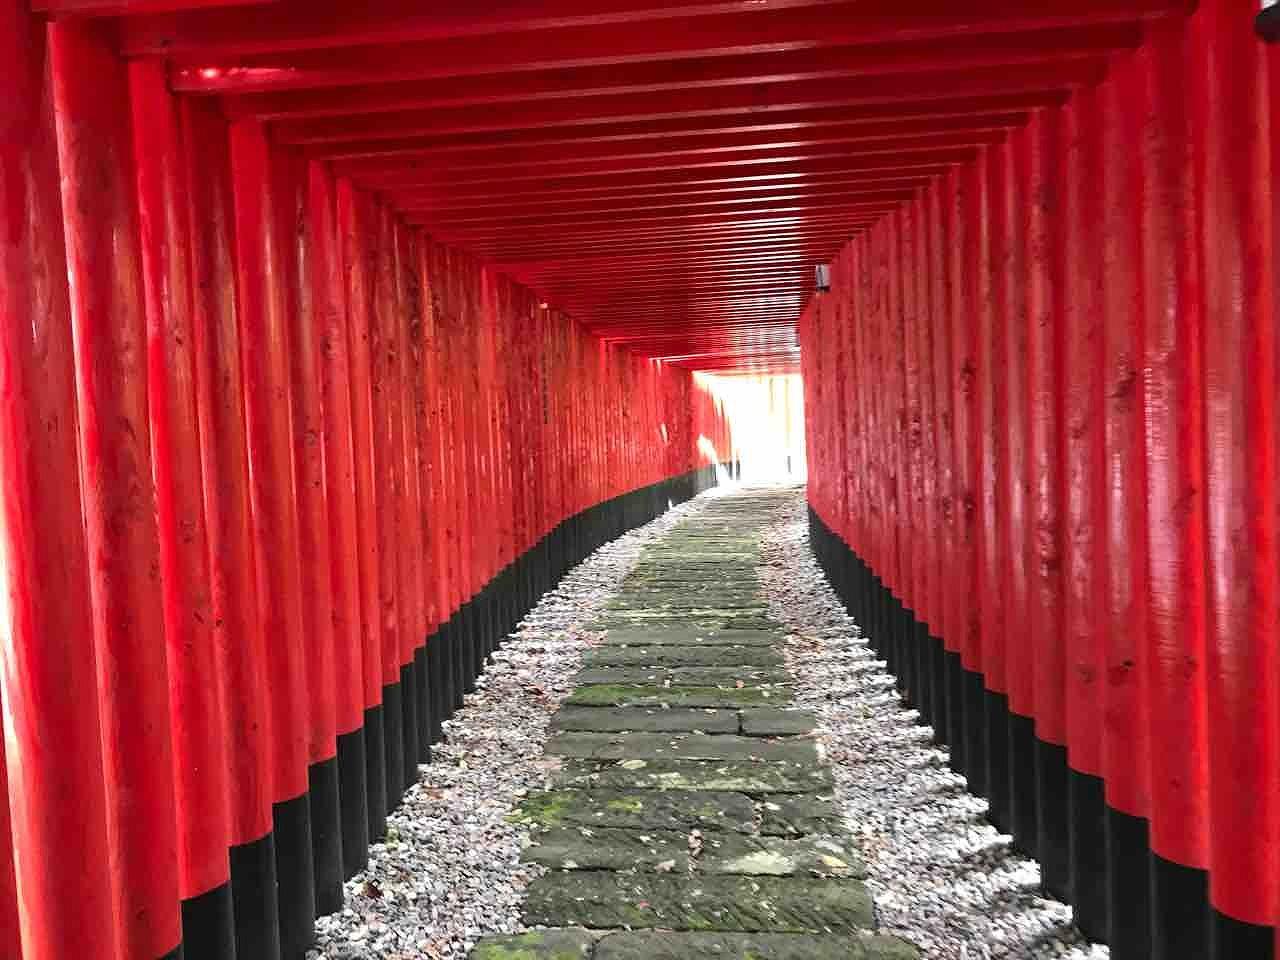 連なる鳥居とスケルトンの鳥居は必見、神徳稲荷神社(鹿児島県鹿屋市)【連載:アキラの着目】